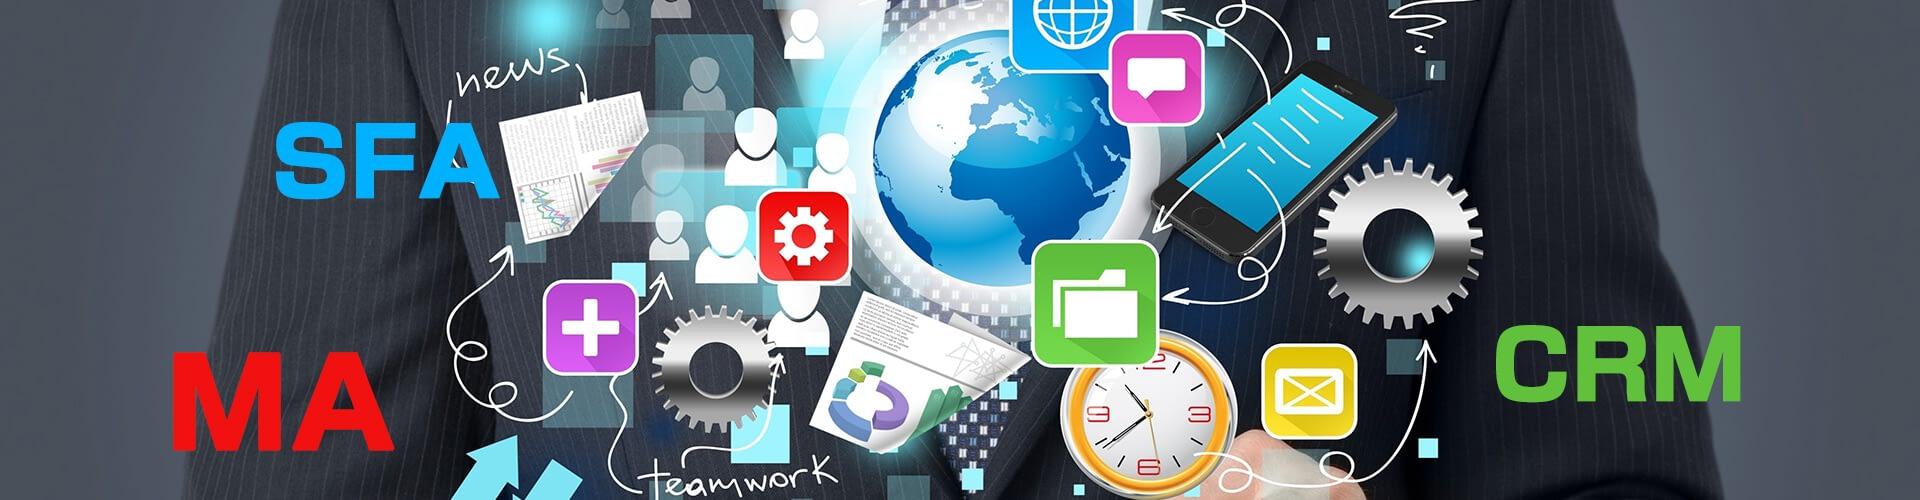 新規顧客開拓営業のツール